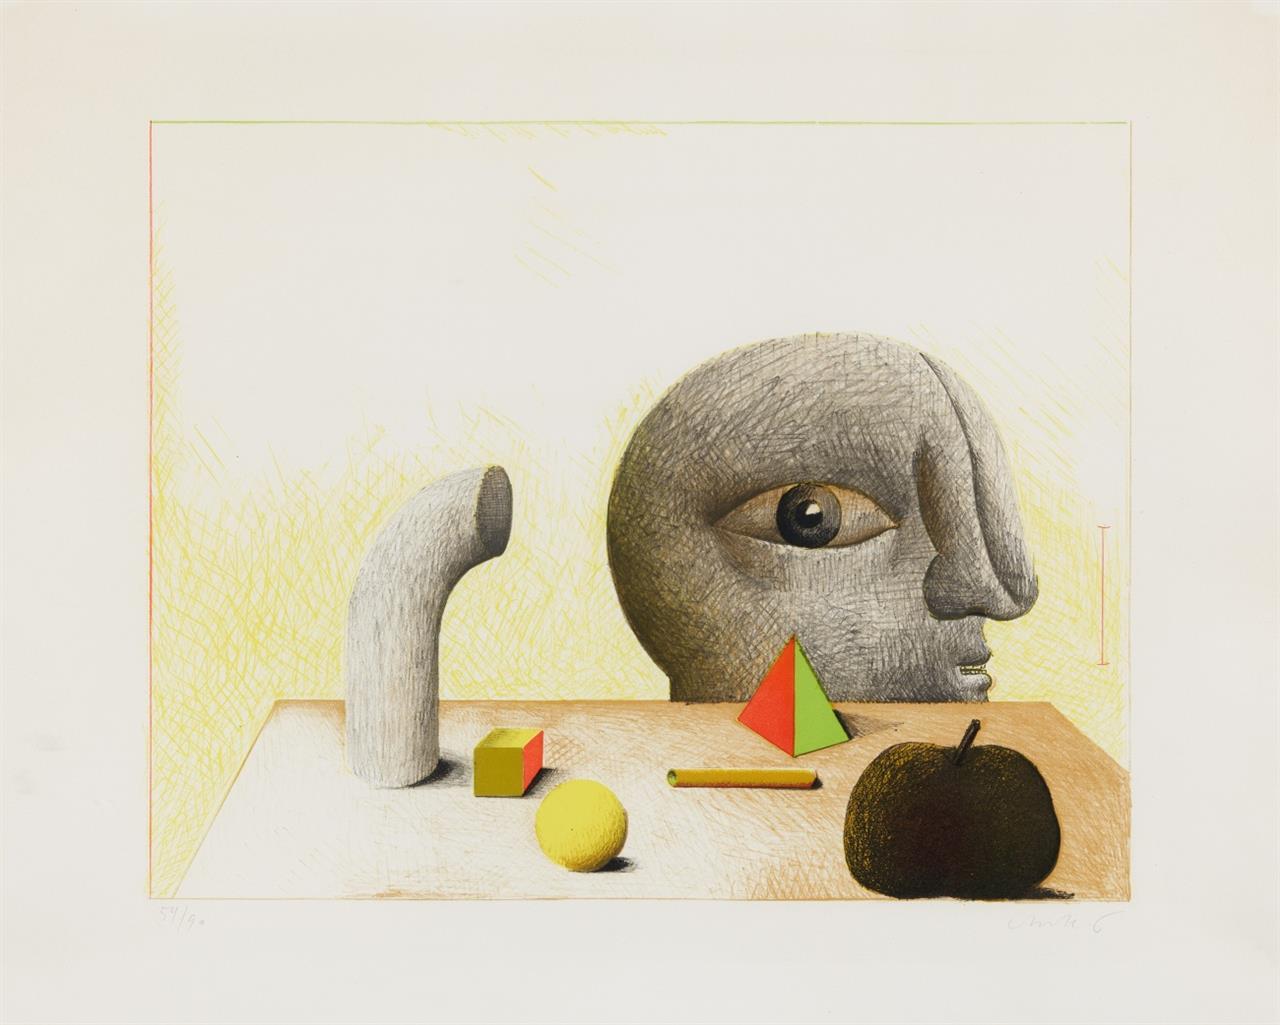 Horst Antes. Stillleben mit Kopf. 1970. Farblithographie. Signiert. Ex. 54/90. L.641(2).